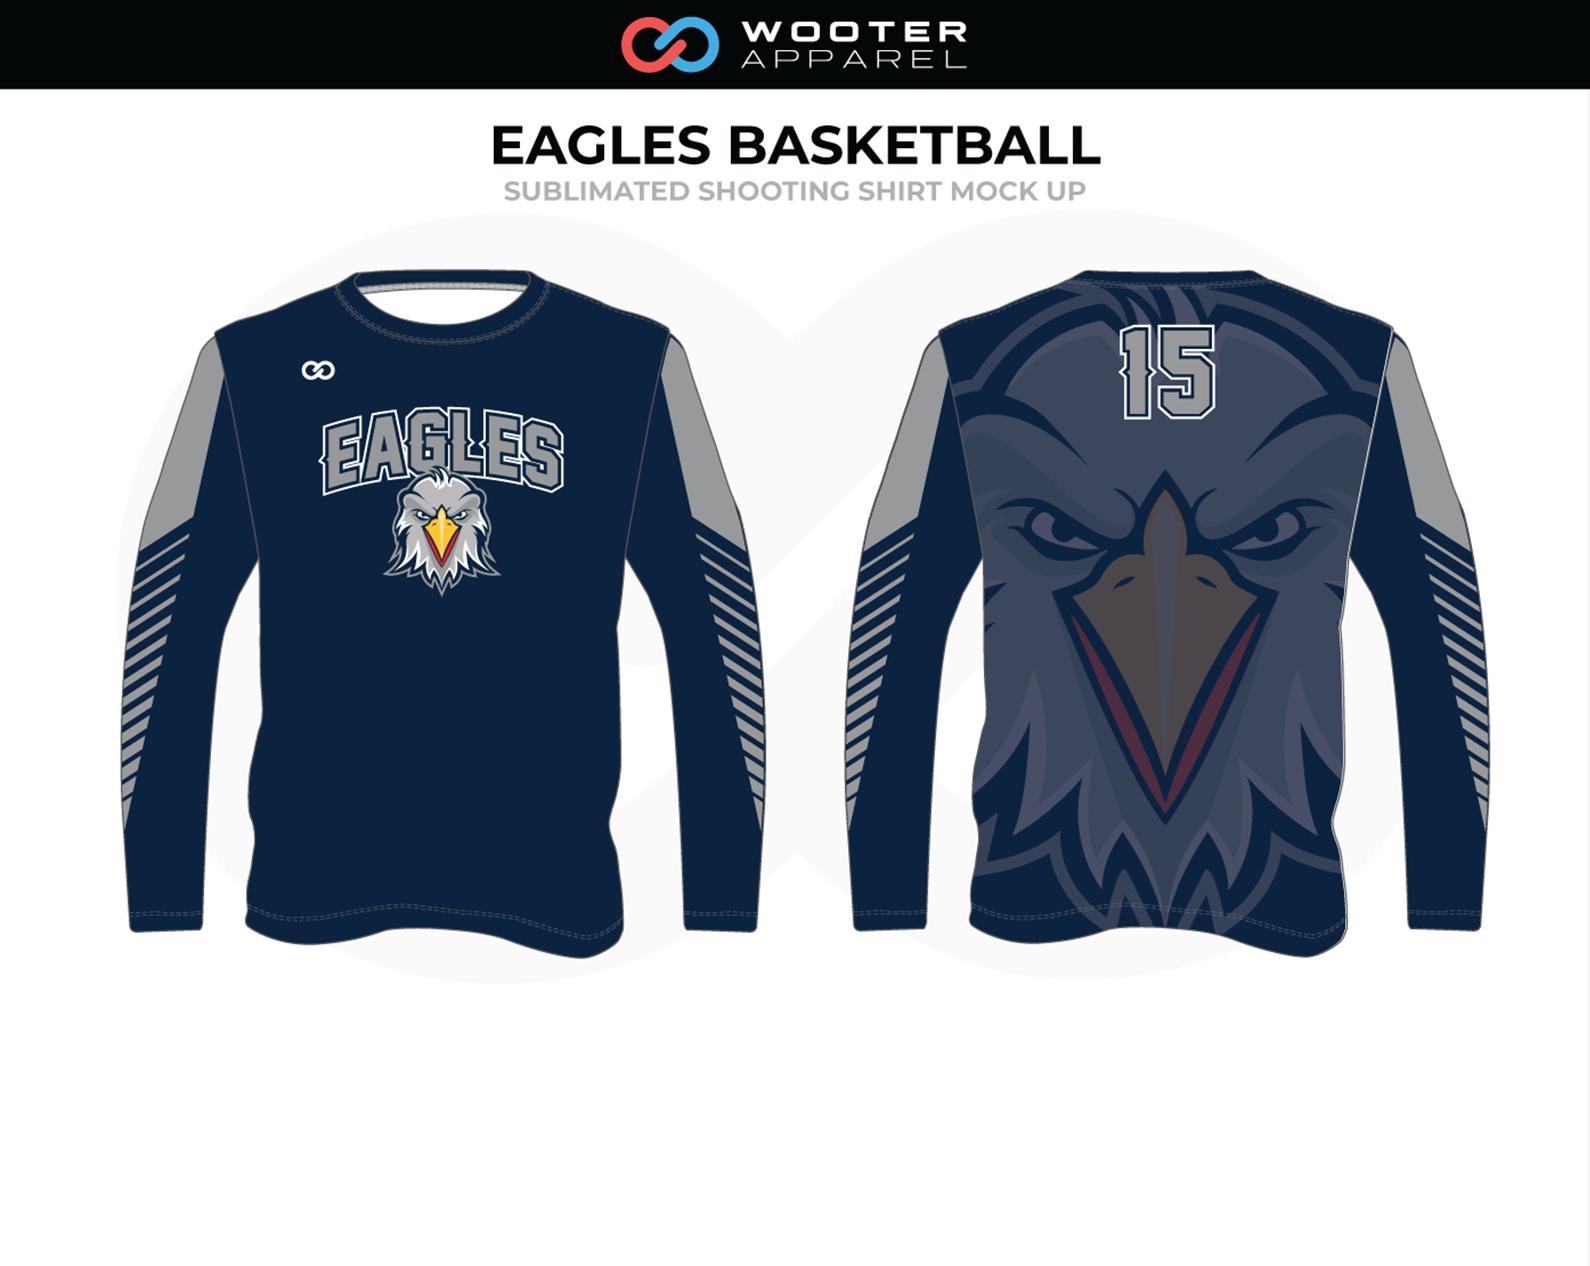 EaglesBasketball_ShootingShirtMockup (1).png